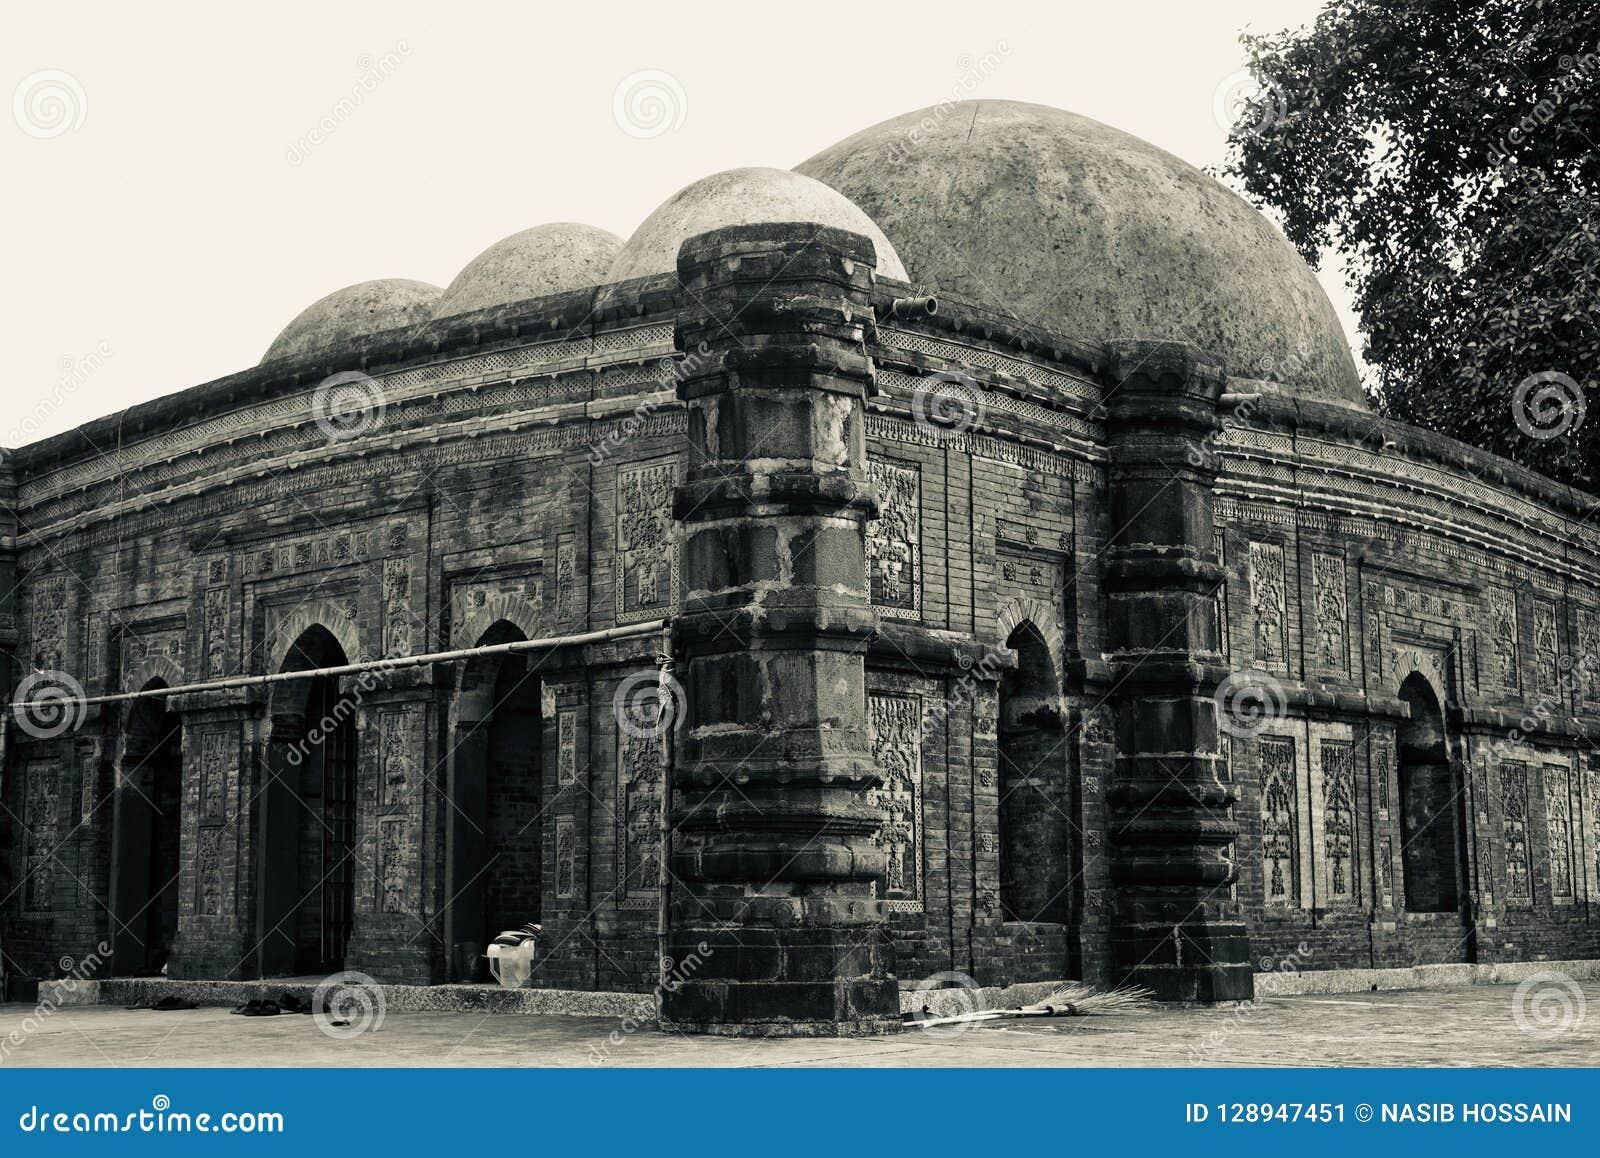 An old ancient mosque unique photo